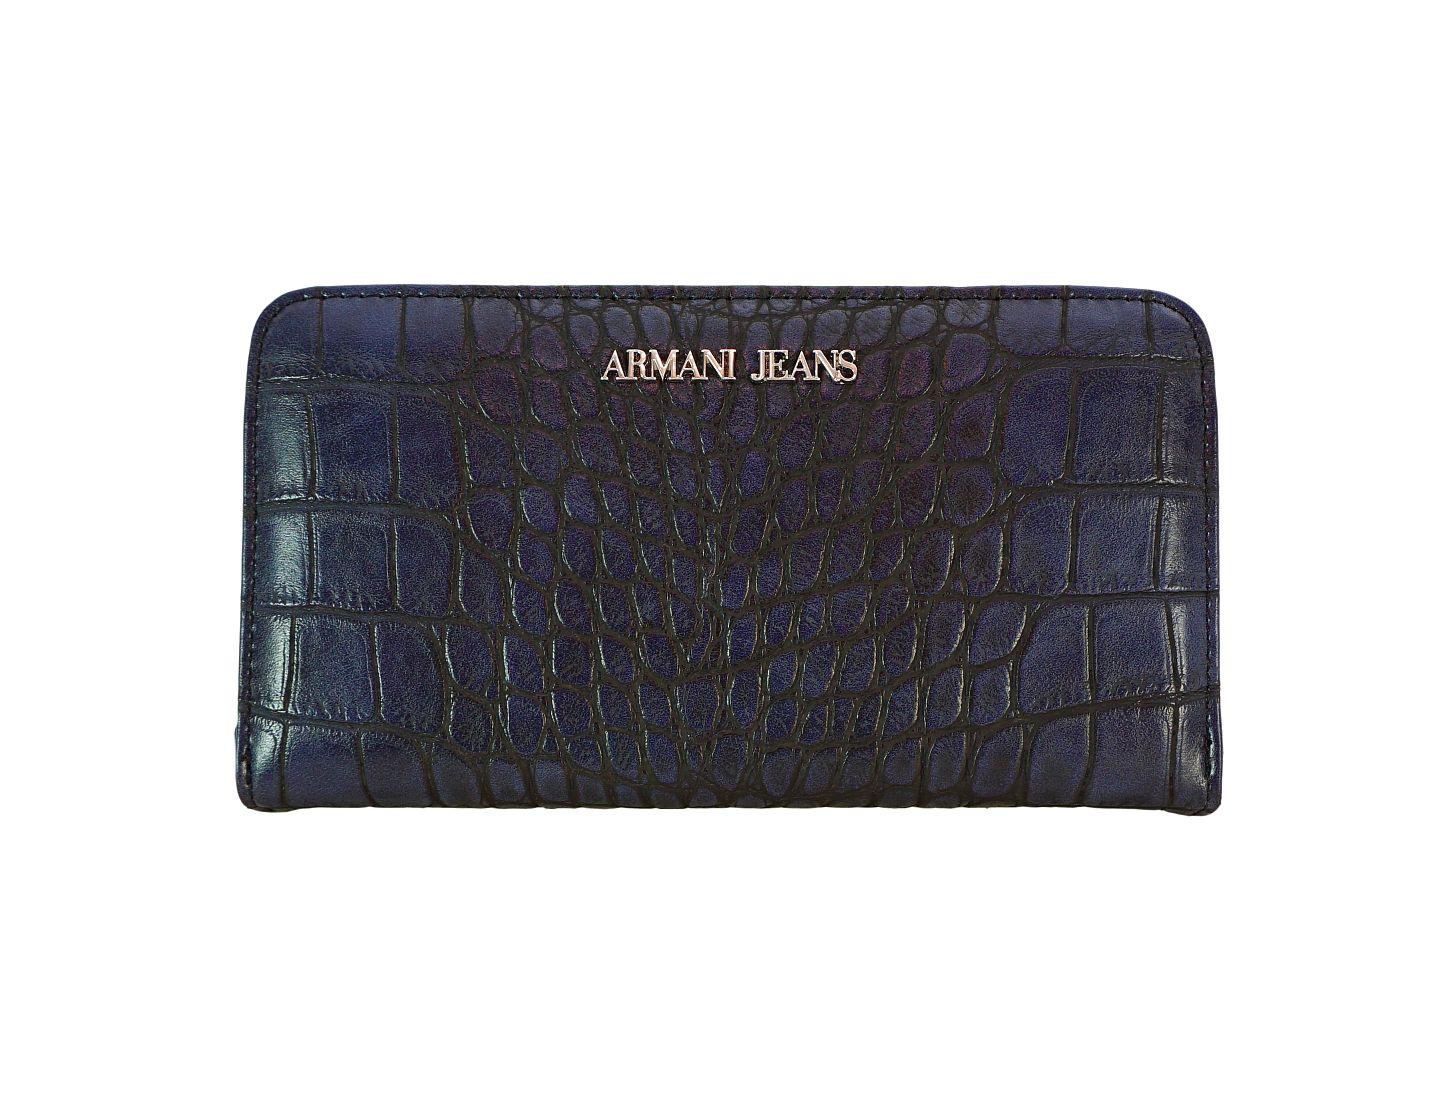 Armani Jeans Geldbörse Börse 928032 6A711 31835 dark navy HW16